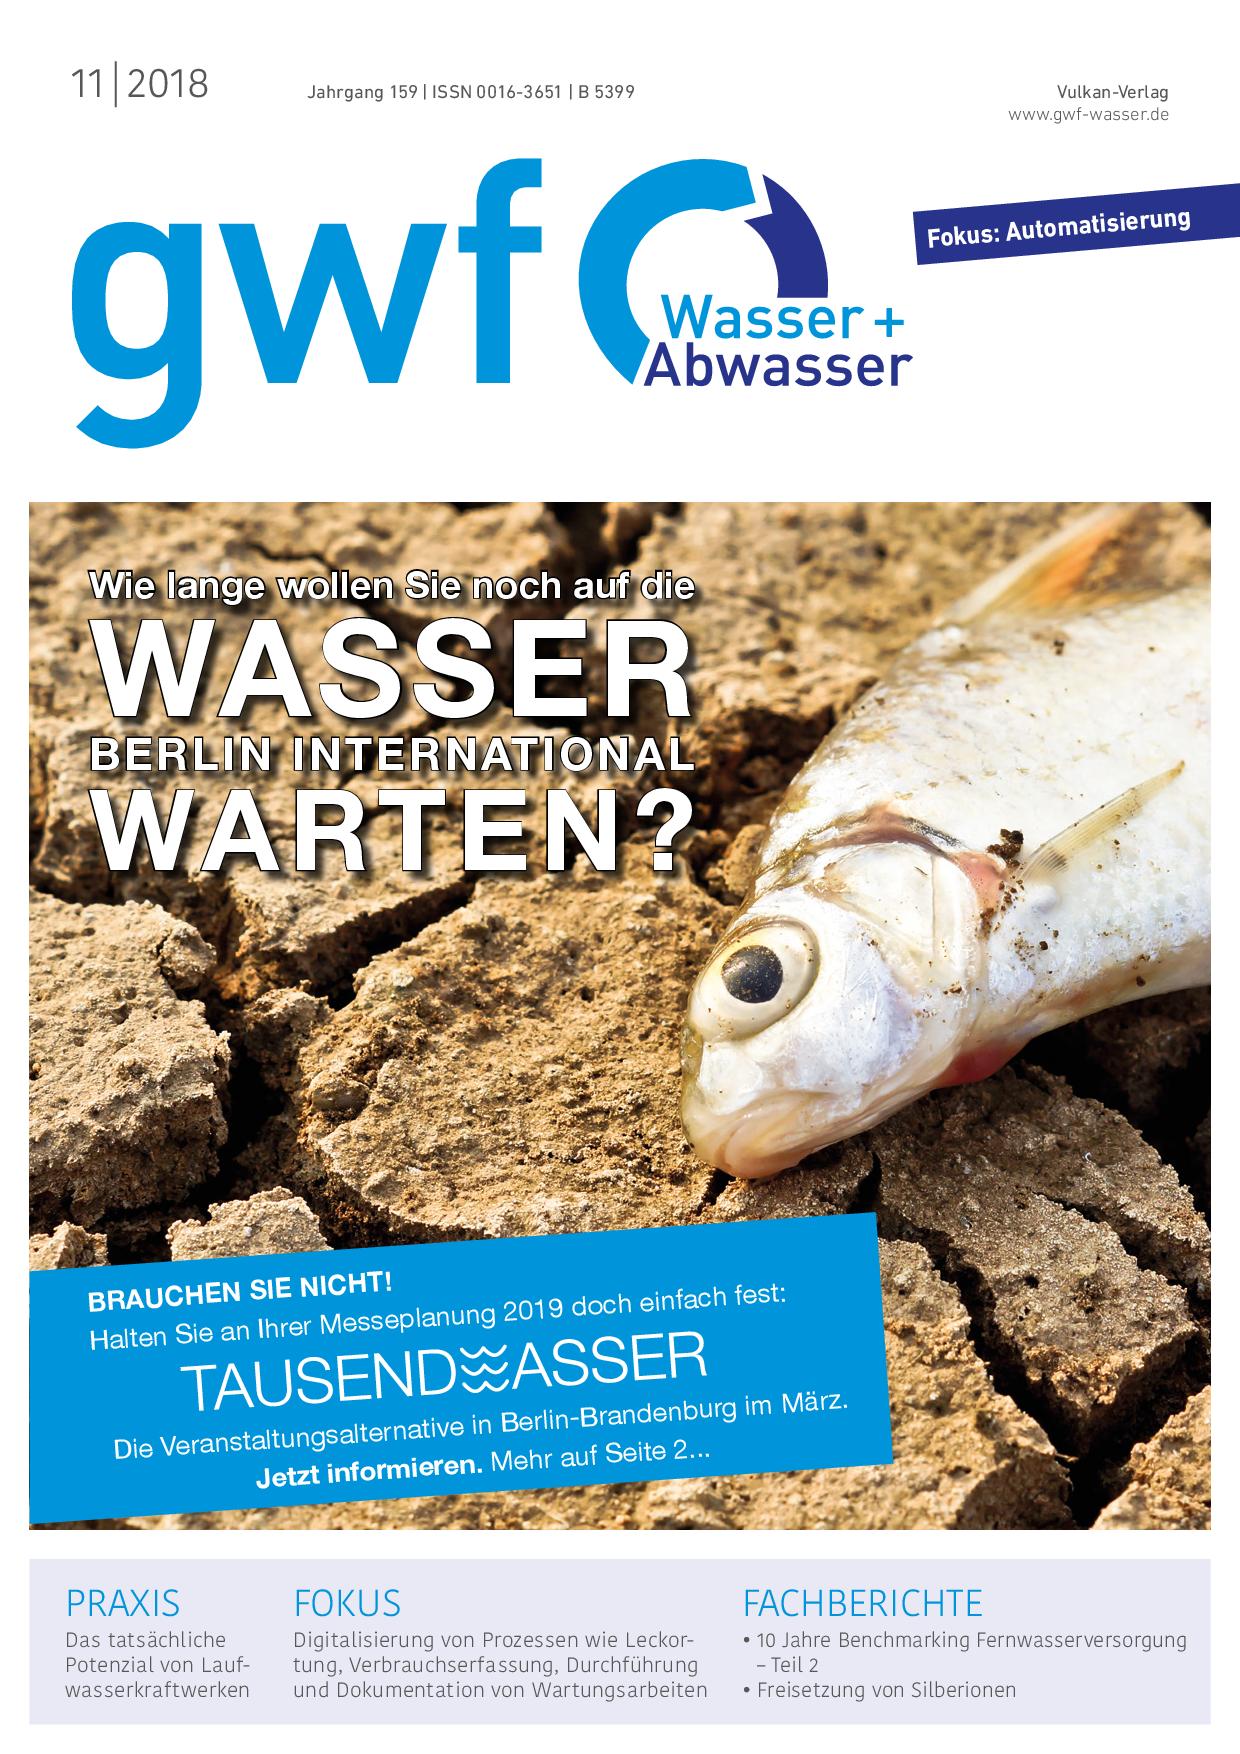 gwf – Wasser|Abwasser – 11 2018